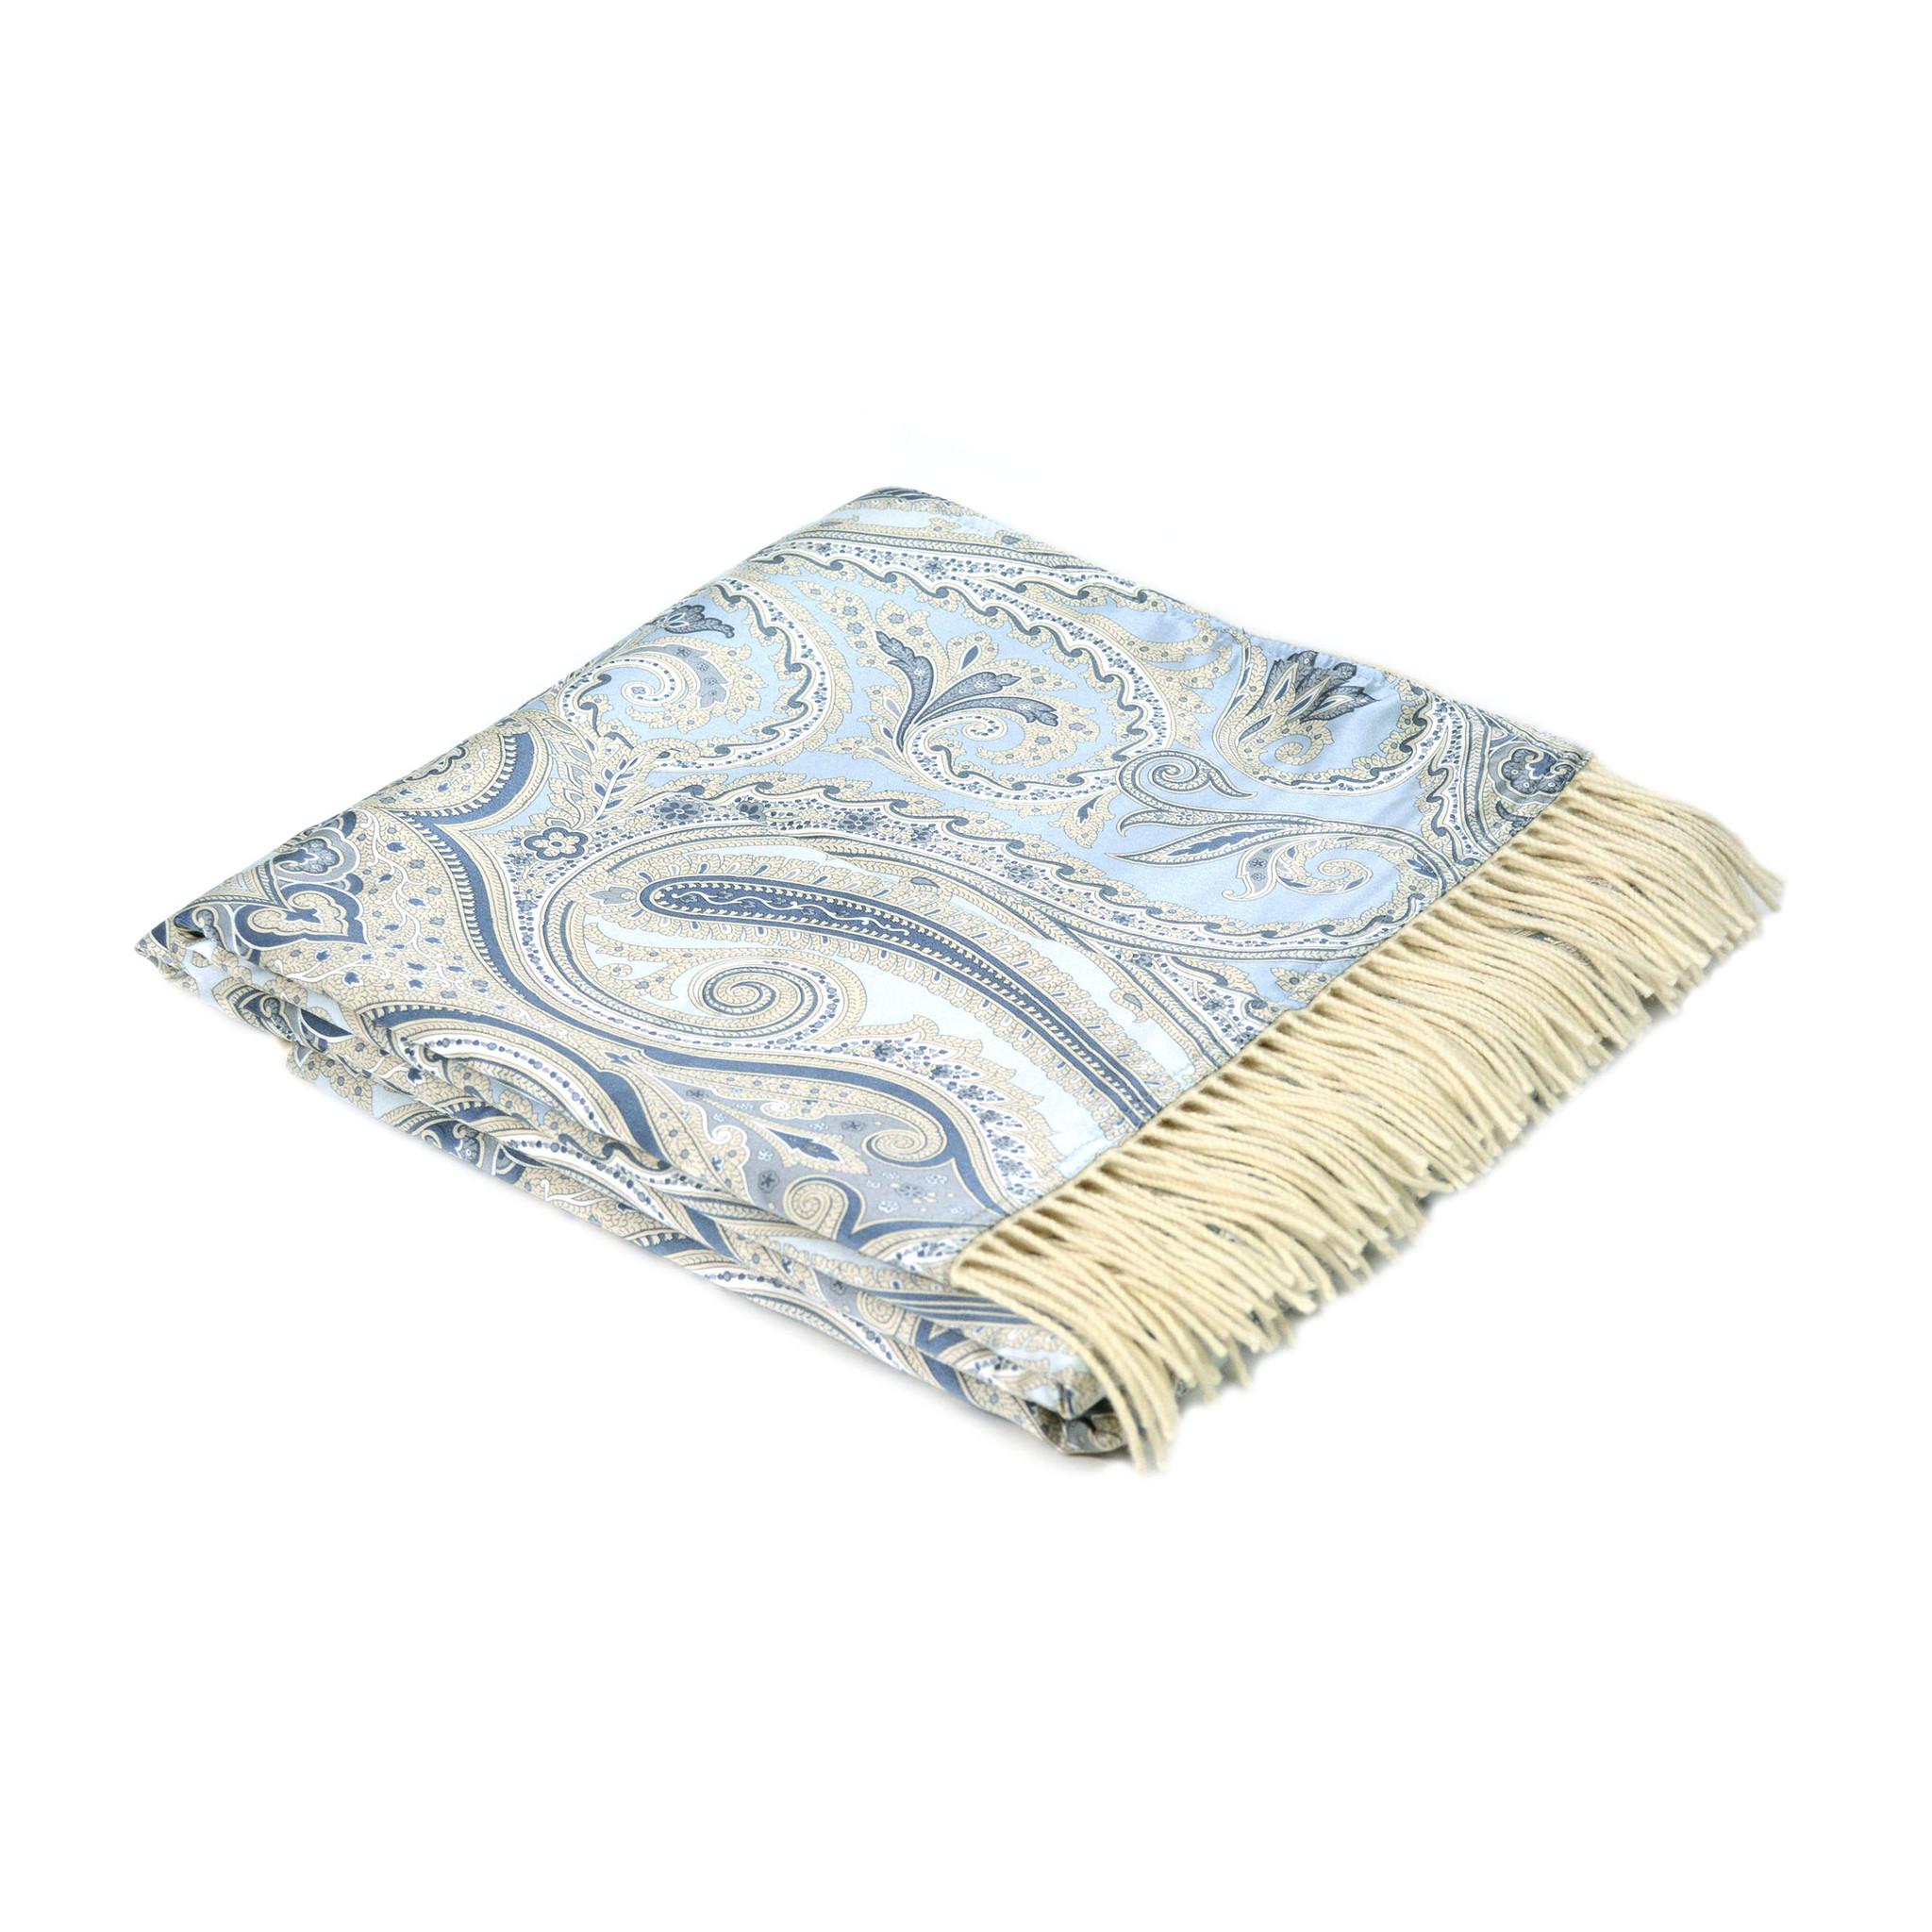 Плед CristalloПледы со смешанным составом<br>Роскошный двусторонний плед-палантин от бренда Marzotto с оригинальным жаккардовым узором, выполненный из шелка с одной стороны и смеси  мериноса и кашемира с другой стороны.<br><br>Material: Текстиль<br>Ширина см: 65.0<br>Высота см: 0.2<br>Глубина см: 180.0